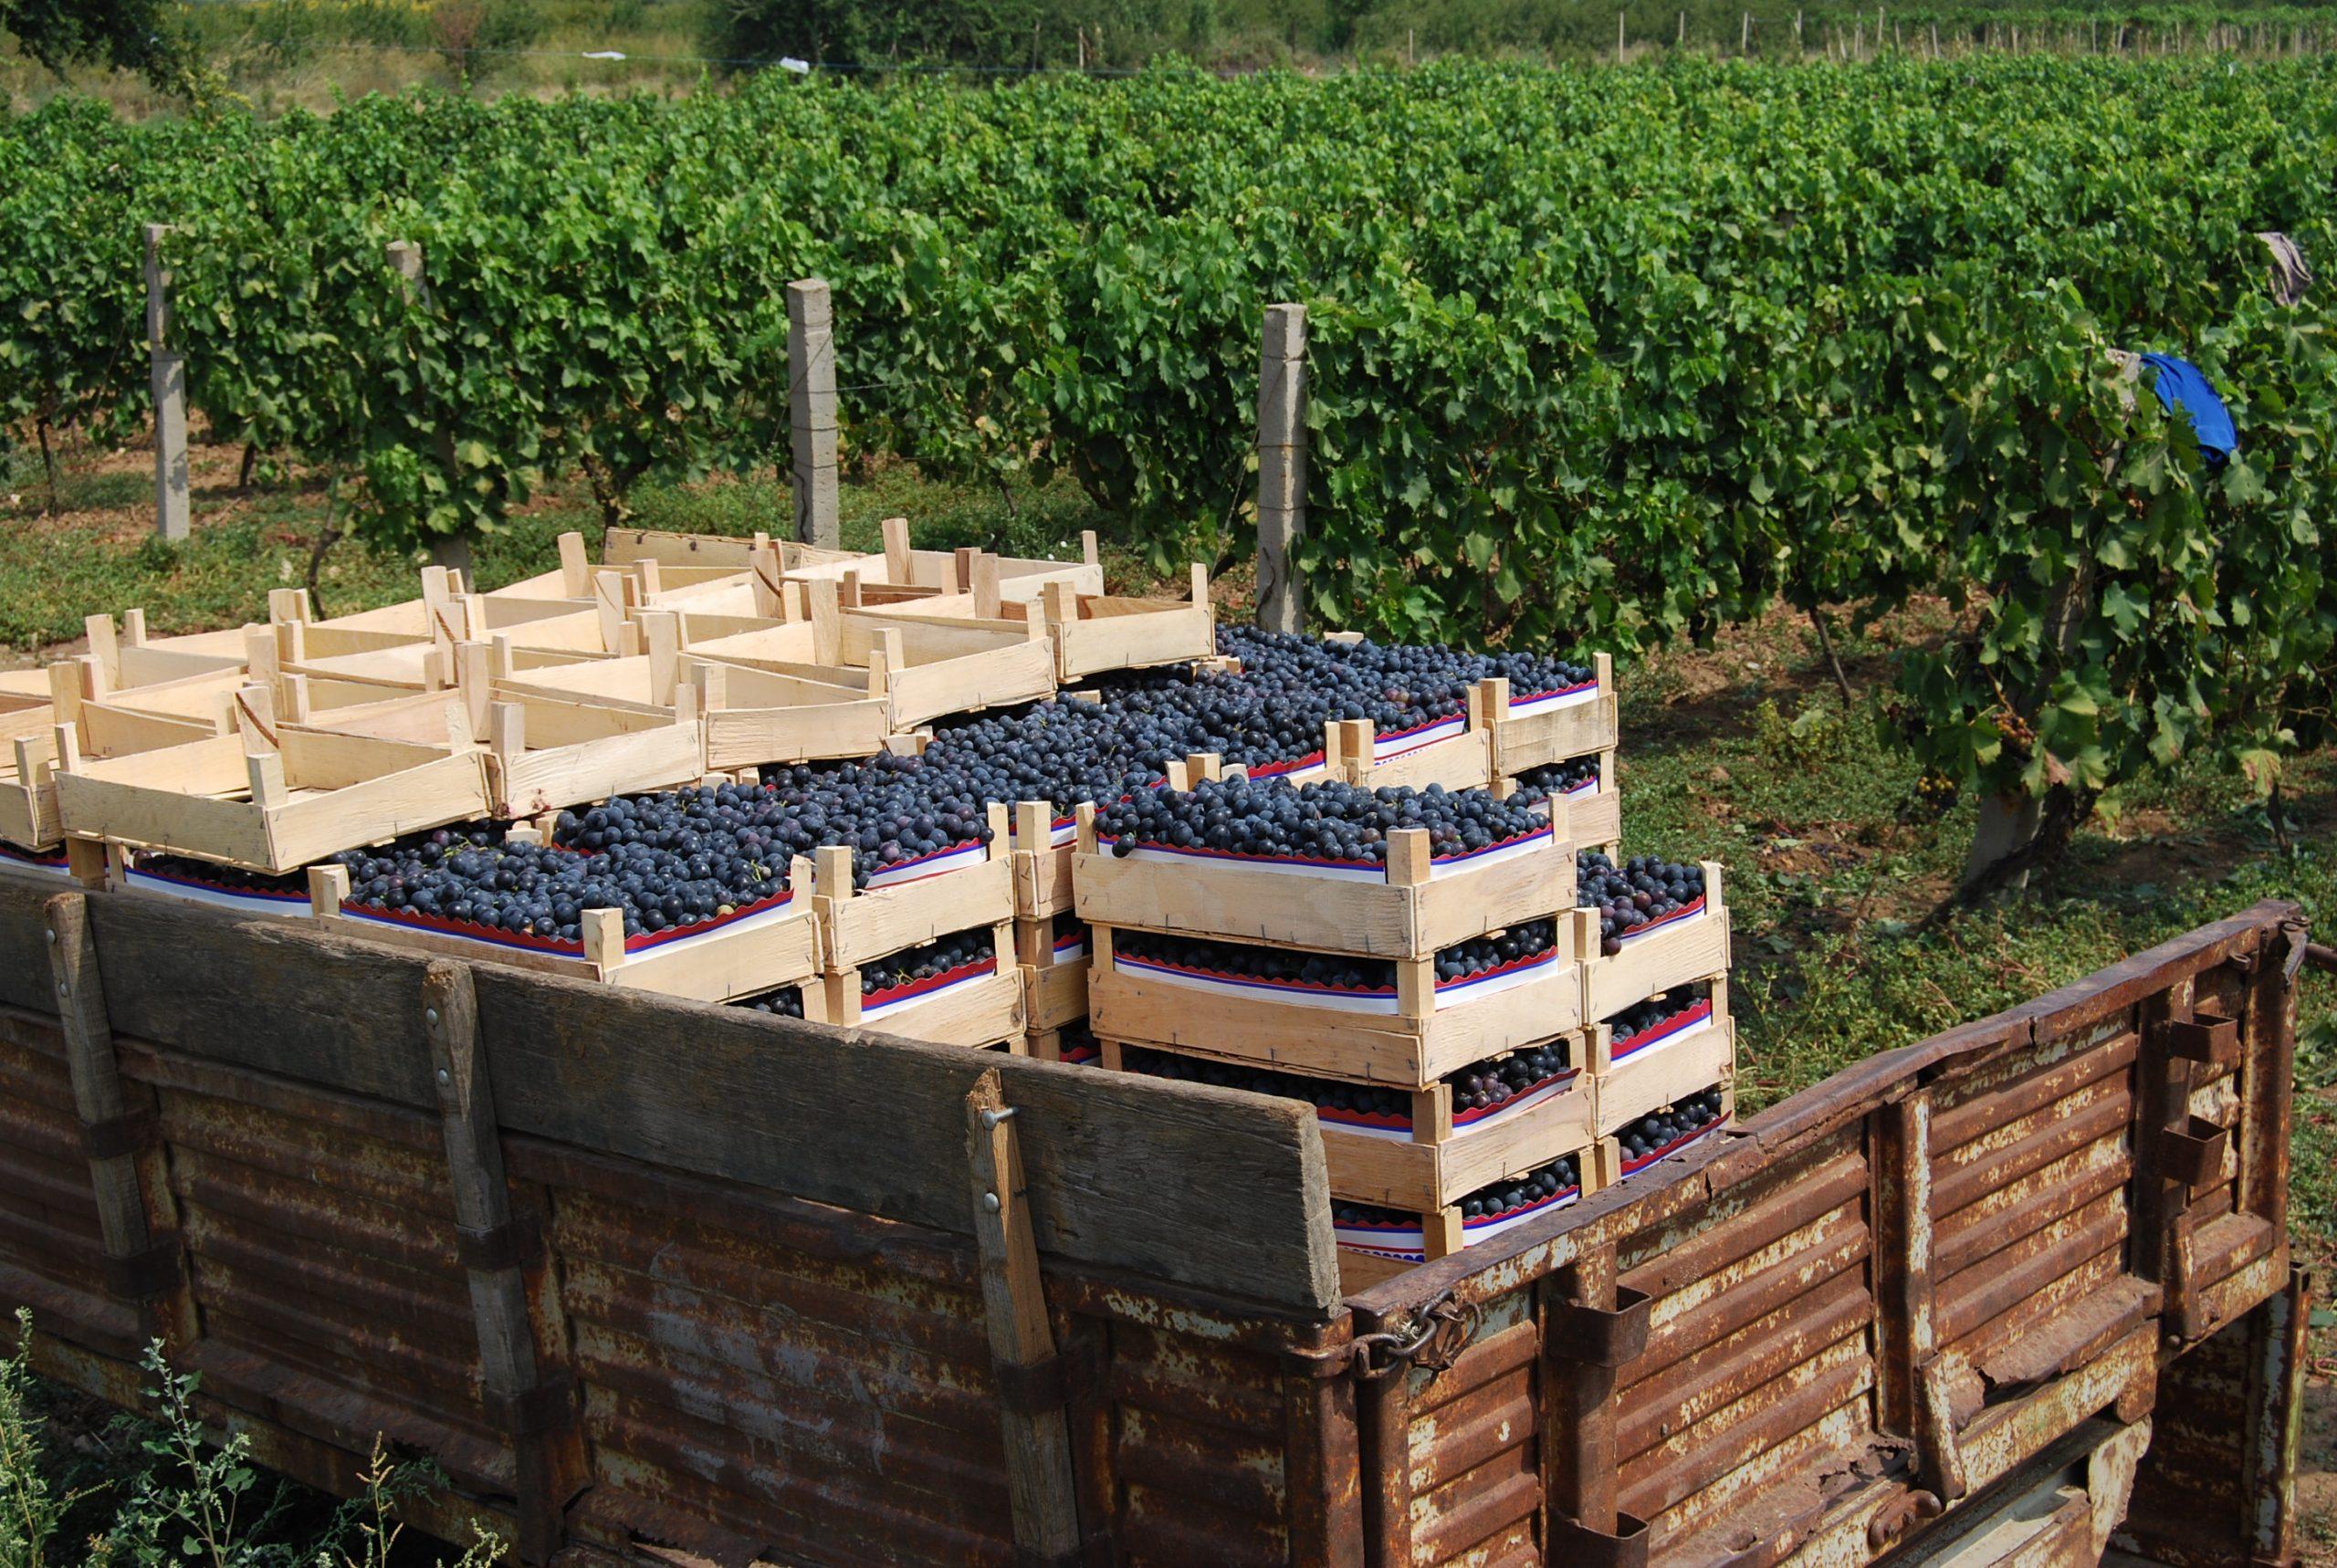 НФФ: Лозари честит празник Свети Трифун и подобра продажна цена оваа година на грозјето